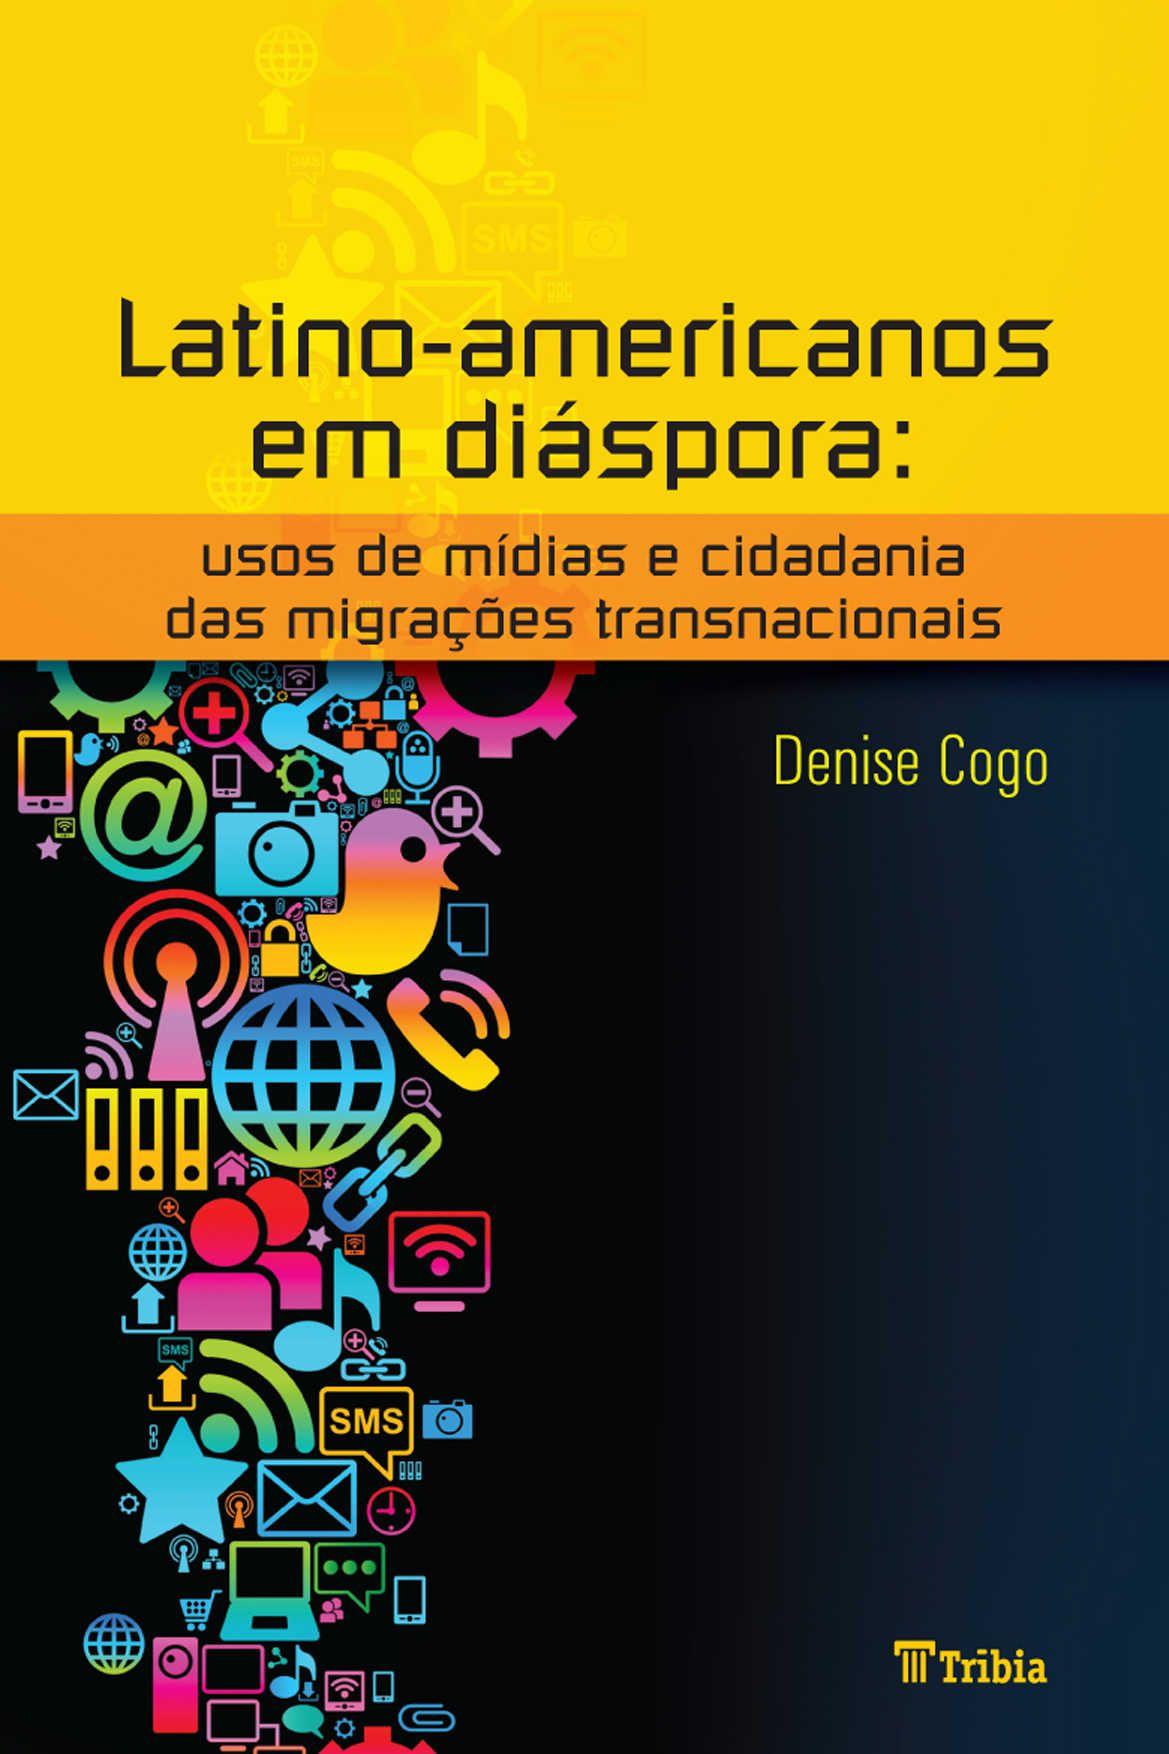 Latino-americanos em diáspora: usos de mídias e cidadania das migrações transnacionais